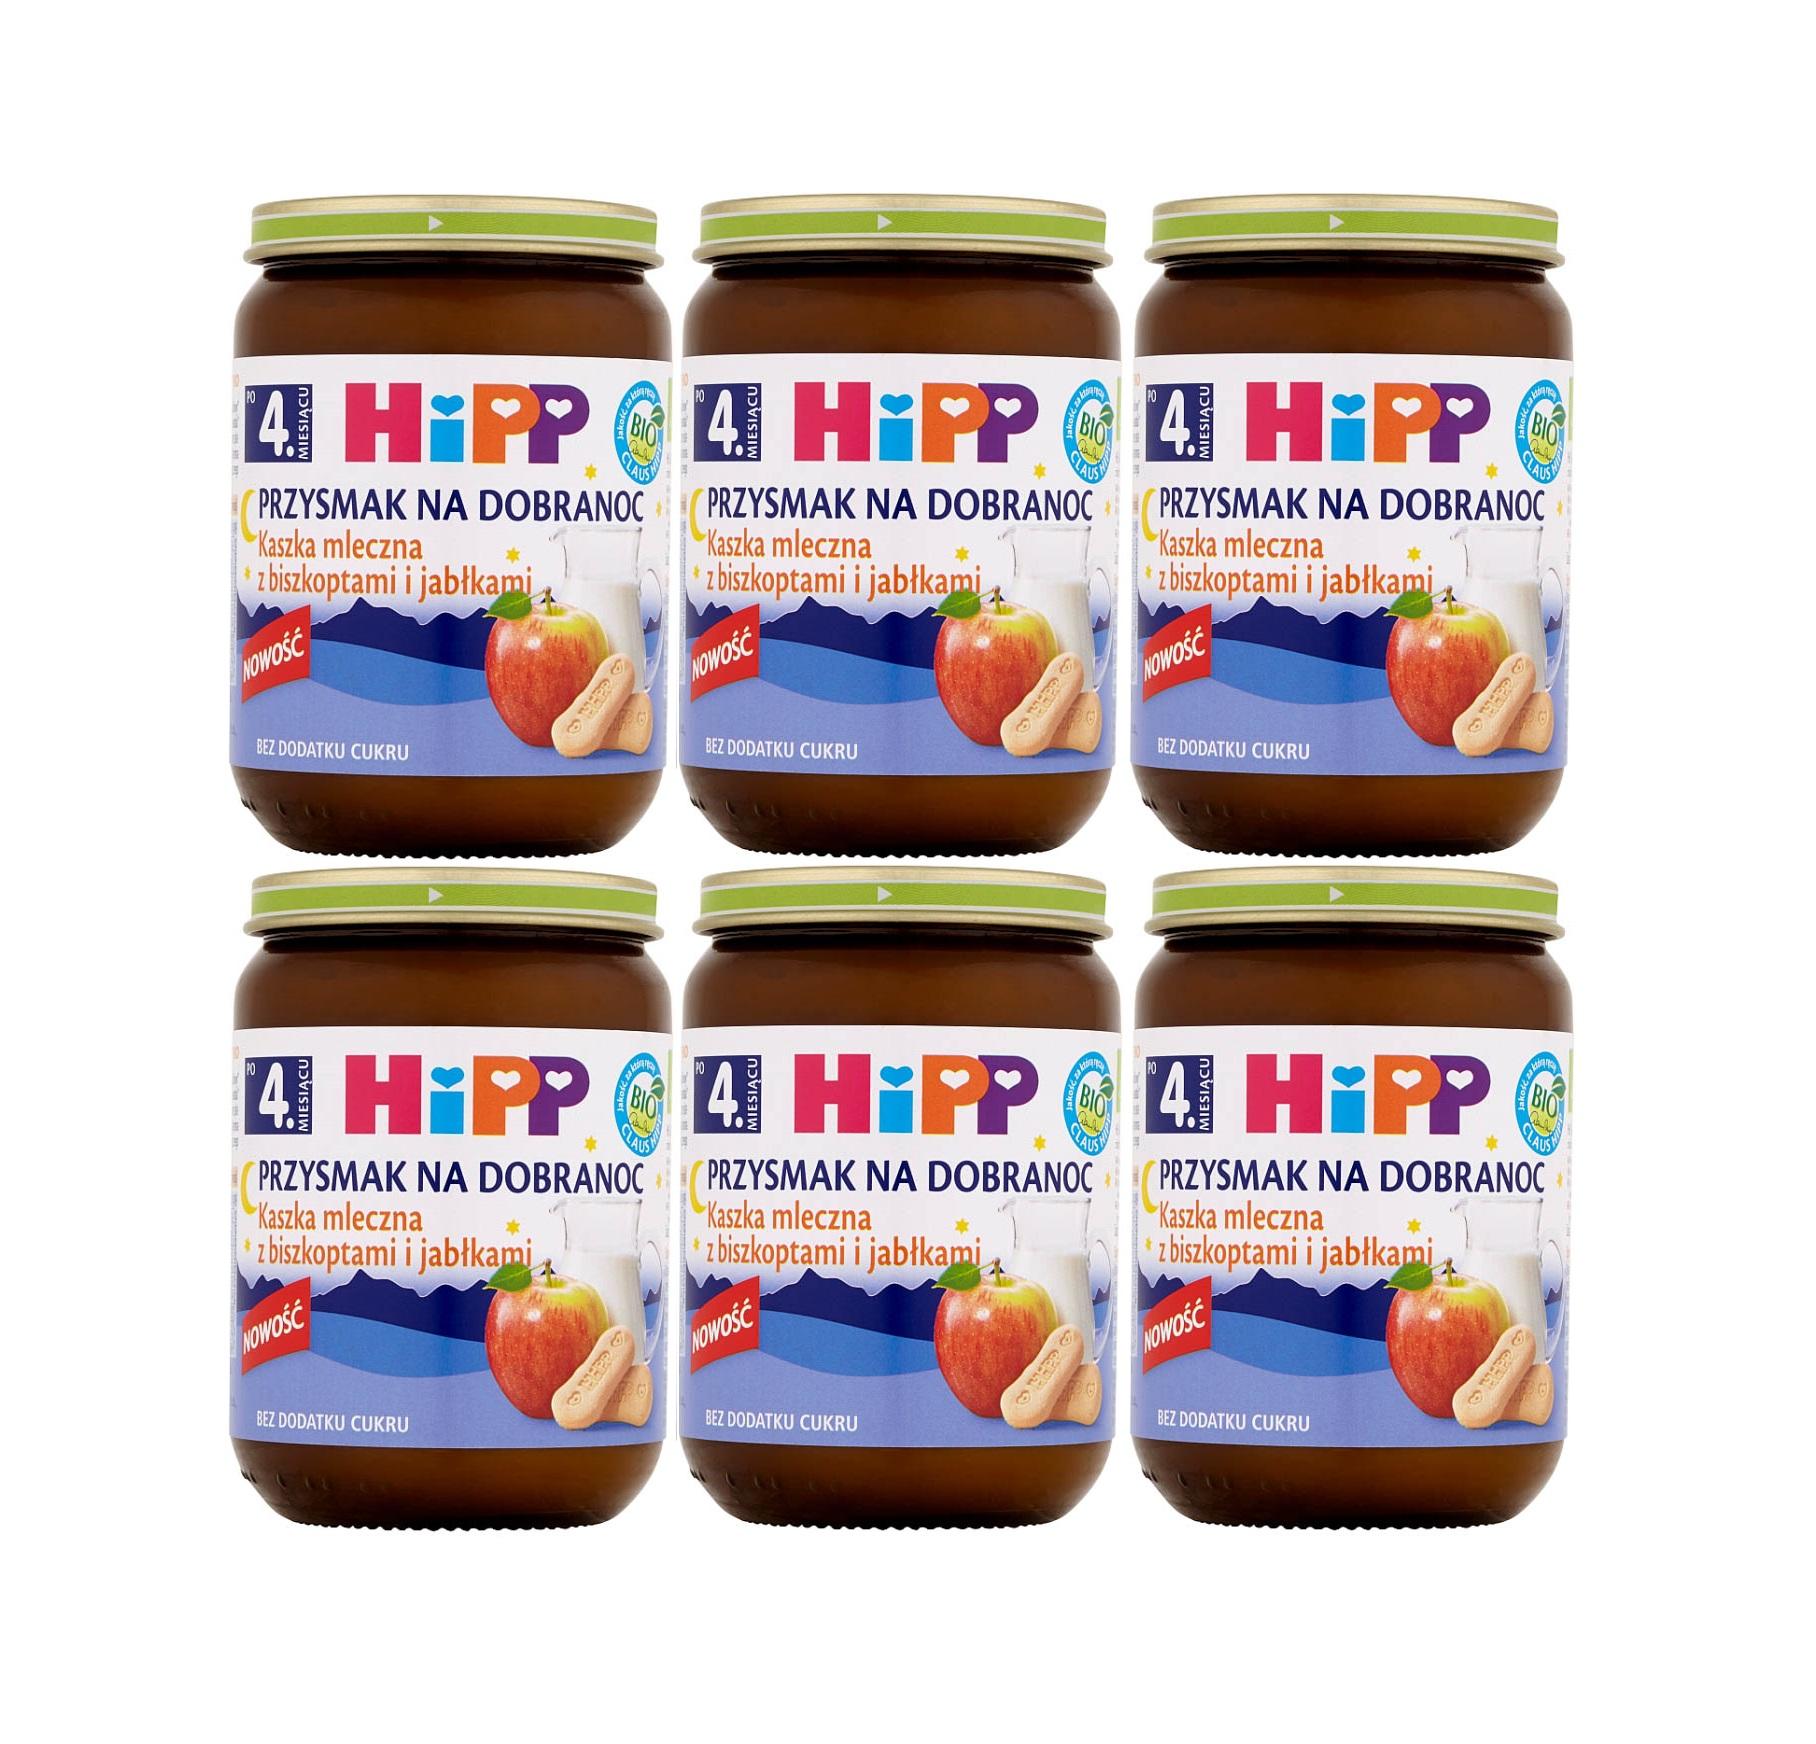 6 pak hipp 190 przysmak na dobranoc kaszka mleczna z biszkoptami i jablkami